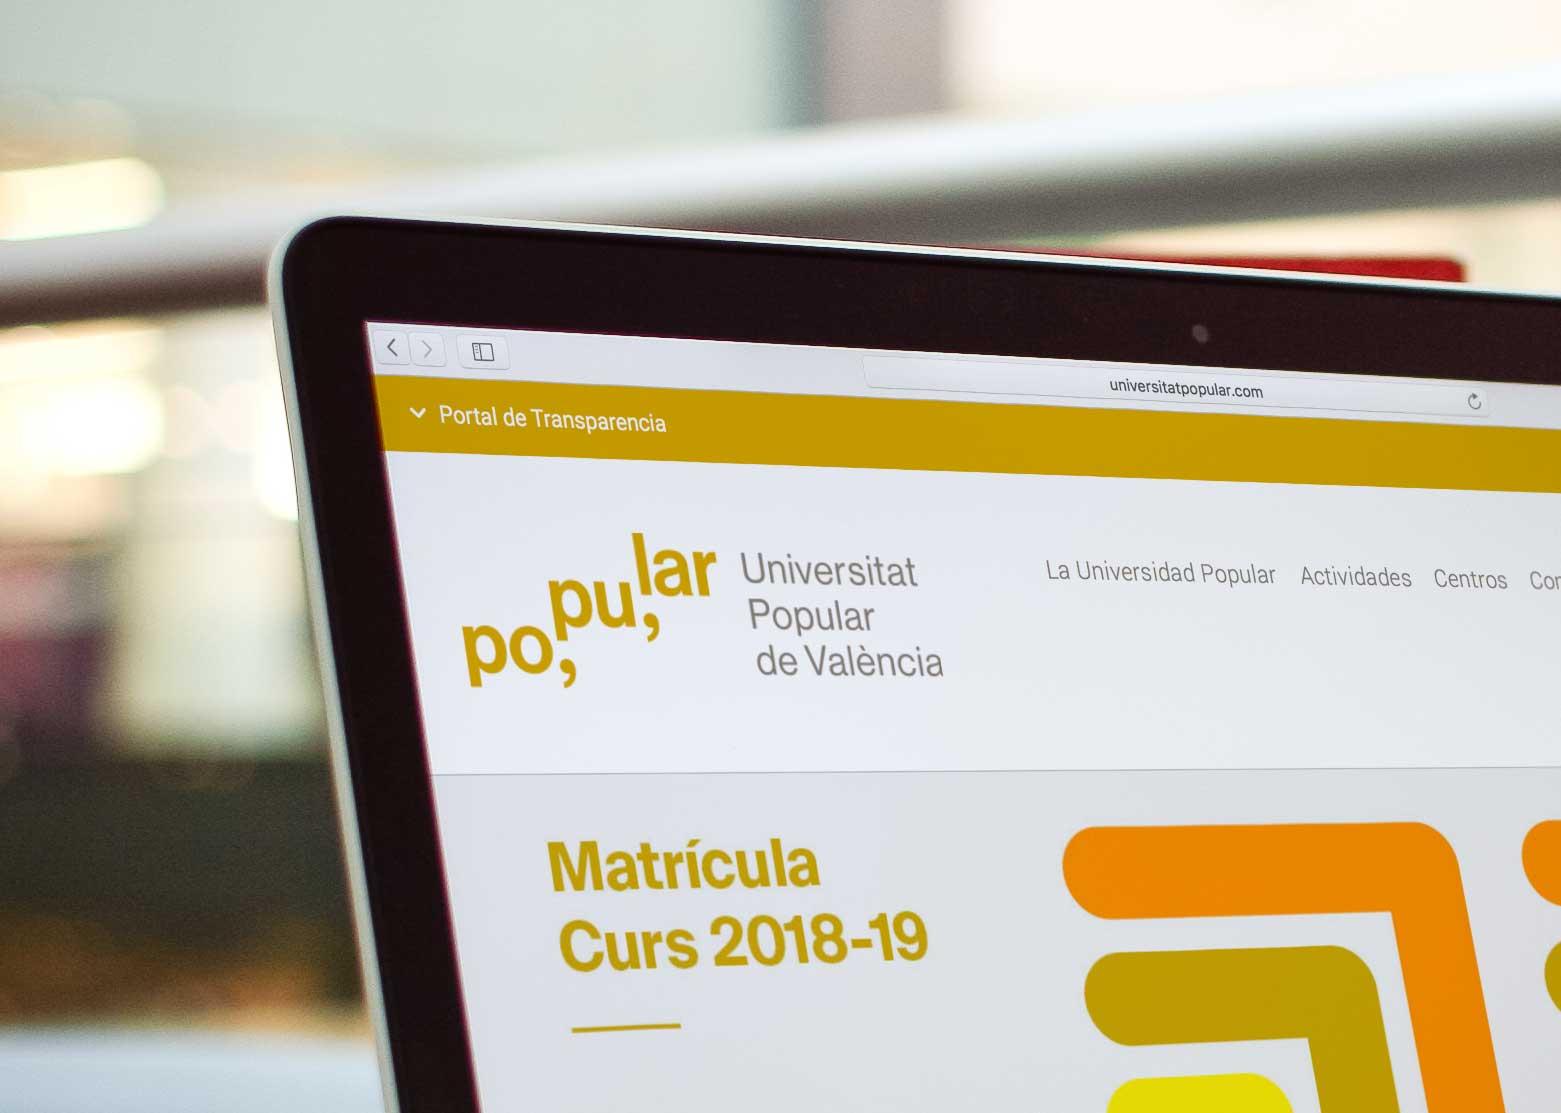 Universitat Popular de València